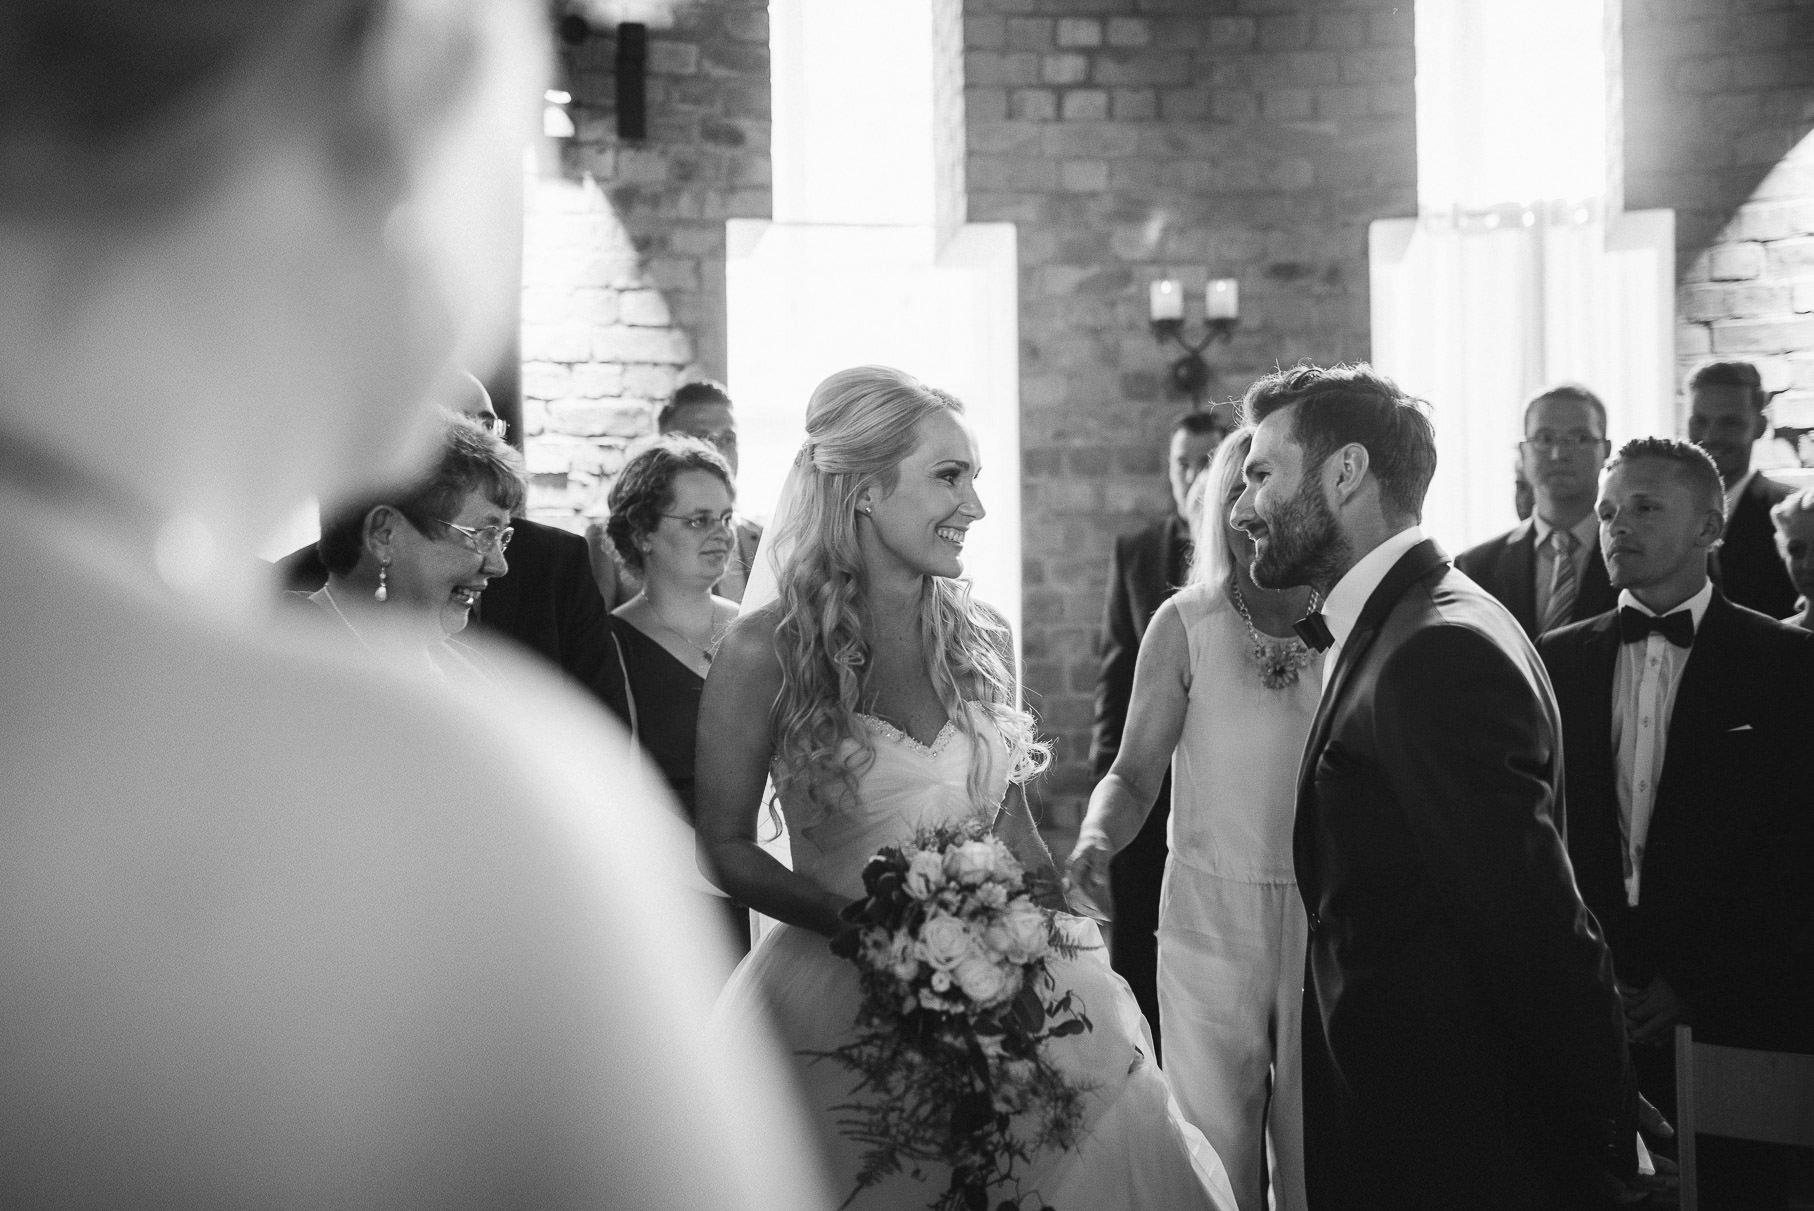 0025 jus 811 9458 - Hochzeit im Wasserturm Lüneburg - Jenny & Sascha